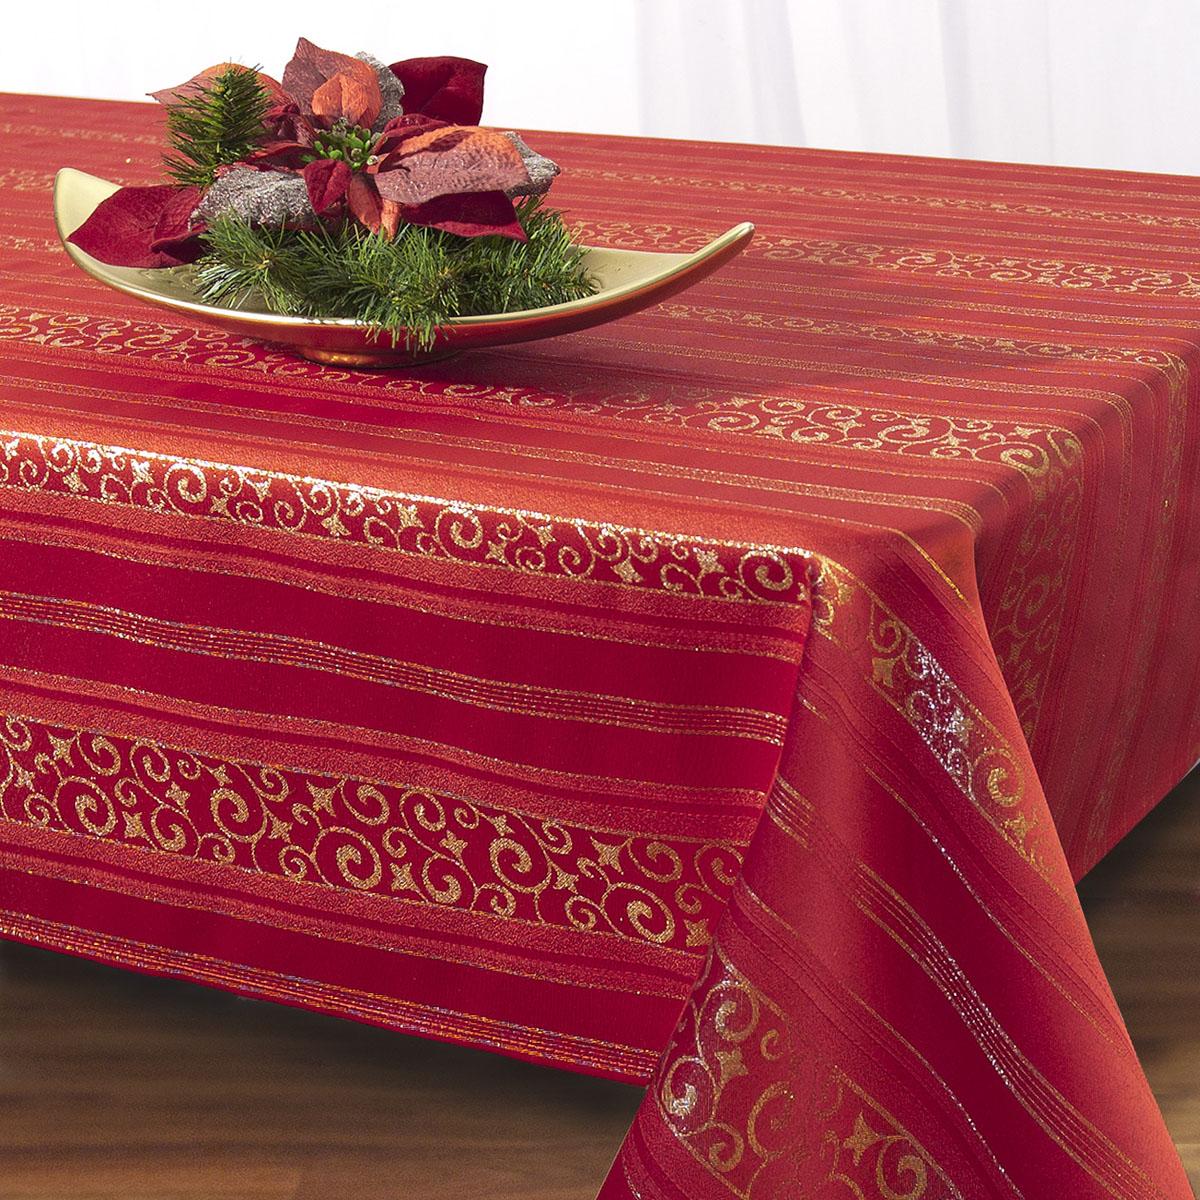 Скатерть Schaefer, прямоугольная, цвет: красный, золотистый, 130 x 160 см. 07473-42707473-427Скатерть Schaefer изготовлена из полиэстера. Она декорирована красивыми переливающимися нитями и узорами. Изделия из полиэстера легко стирать: они не мнутся, не садятся и быстро сохнут, они более долговечны, чем изделия из натуральных волокон. Кроме того, ткань обладает водоотталкивающими свойствами. Такая скатерть будет просто не заменима на кухне, а особенно на вашем обеденном столе на даче под открытым небом. Скатерть Schaefer не останется без внимания ваших гостей, а вас будет ежедневно радовать ярким дизайном и несравненным качеством. Немецкая компания Schaefer создана в 1921 году. На протяжении всего времени существования она создает уникальные коллекции домашнего текстиля для гостиных, спален, кухонь и ванных комнат. Дизайнерские идеи немецких художников компании Schaefer воплощаются в текстильных изделиях, которые сделают ваш дом красивее и уютнее и не останутся незамеченными вашими гостями. Дарите себе и близким красоту каждый день!...